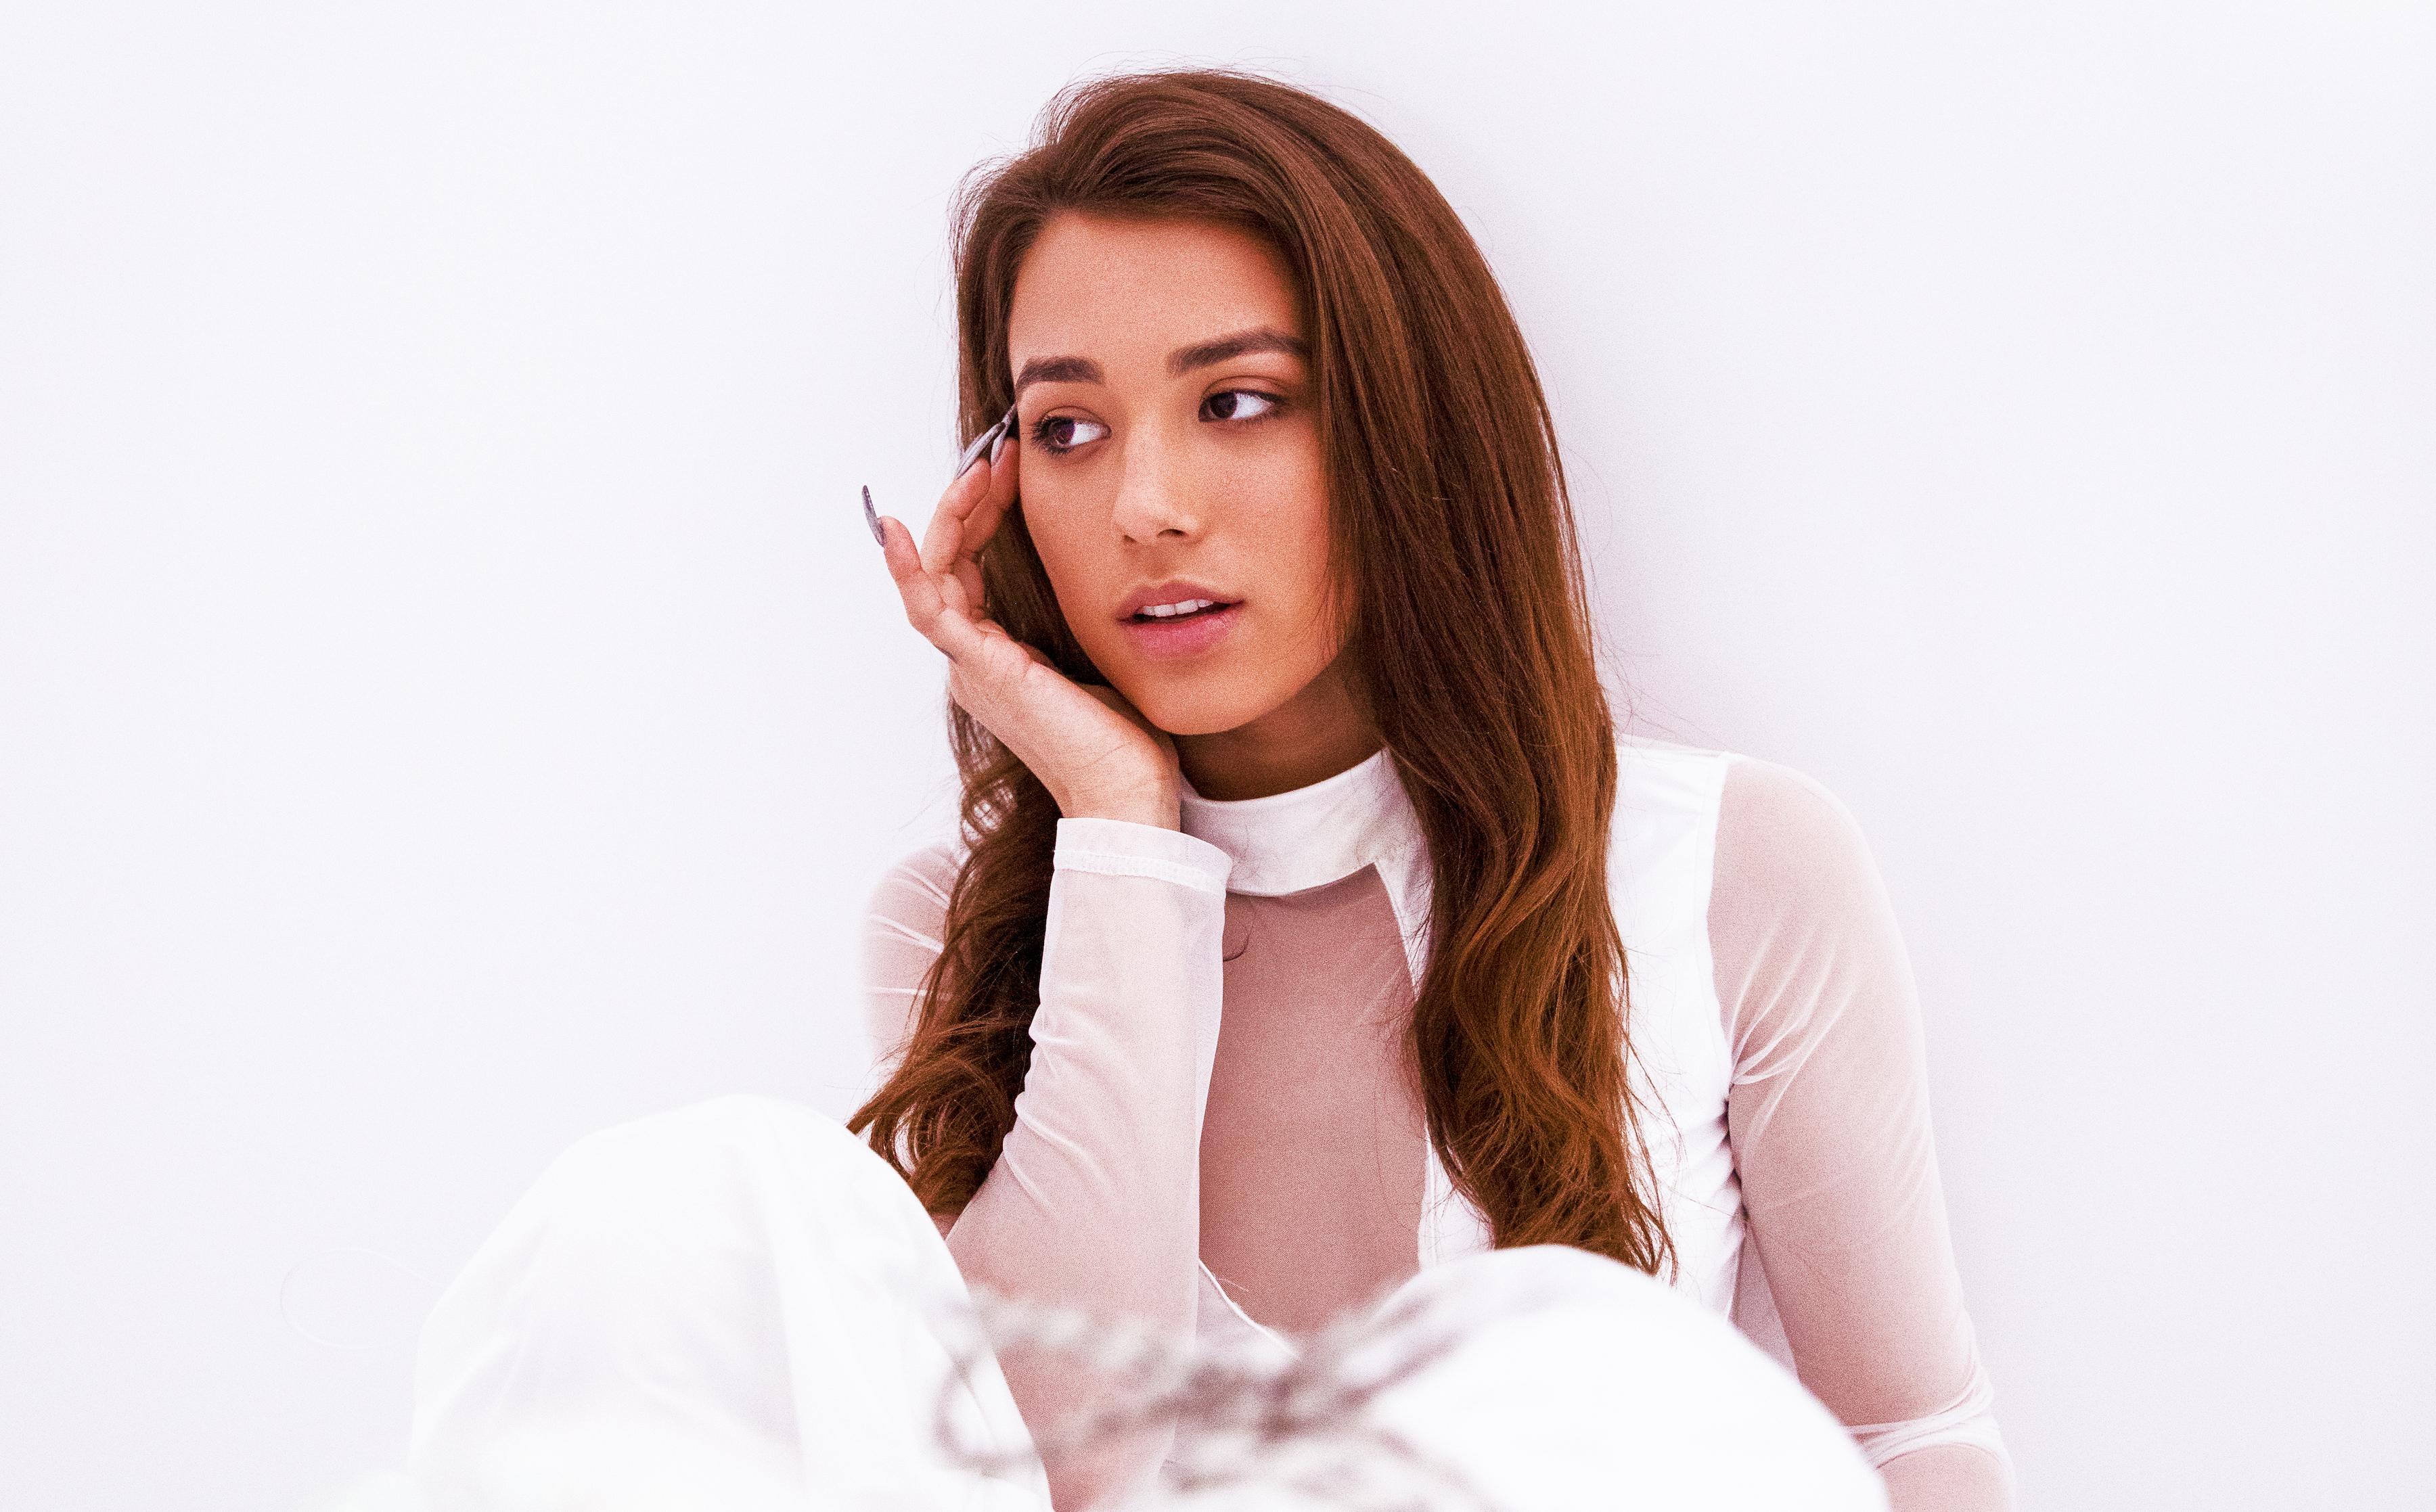 """Alaina Castillo's """"no vuelvas a mirar atrás"""" Exudes Empowering Calm"""